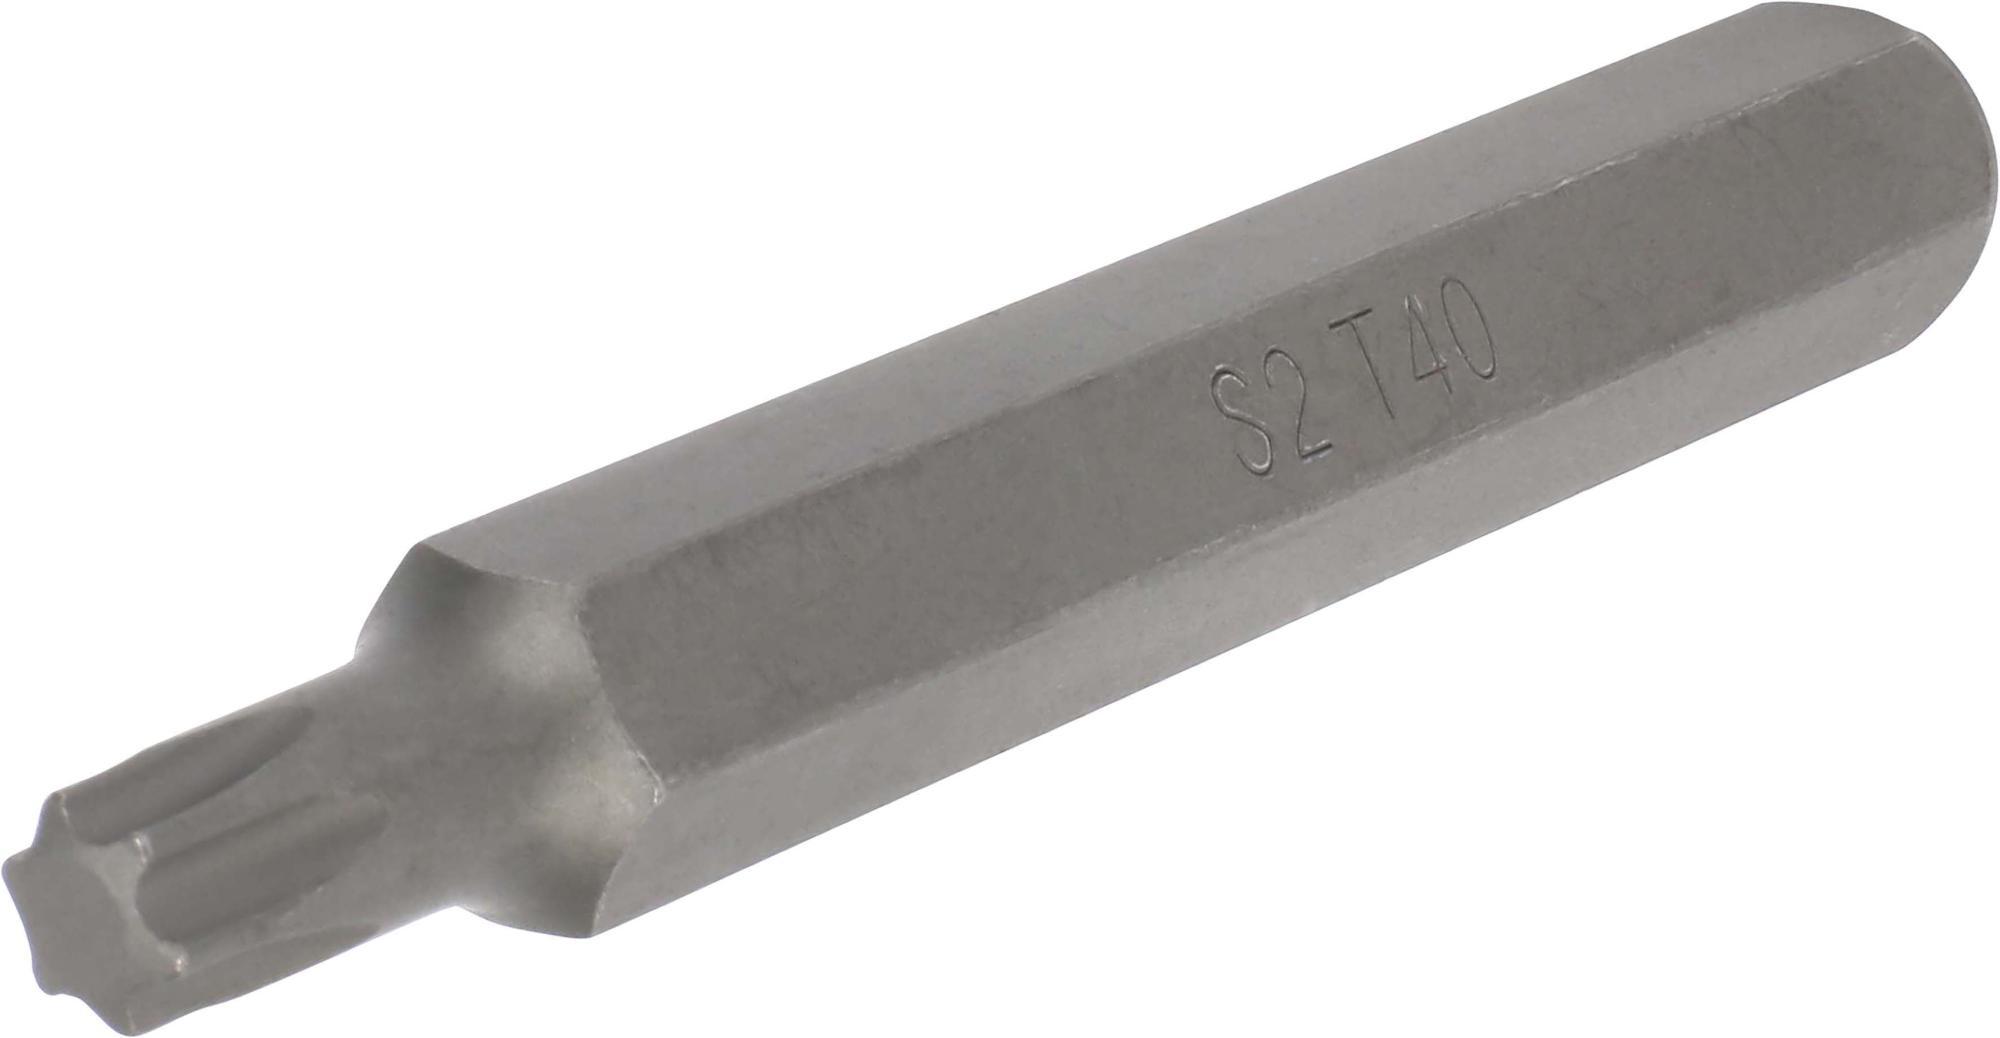 Bit, 10 mm 6-hran, TORX T40x75 mm